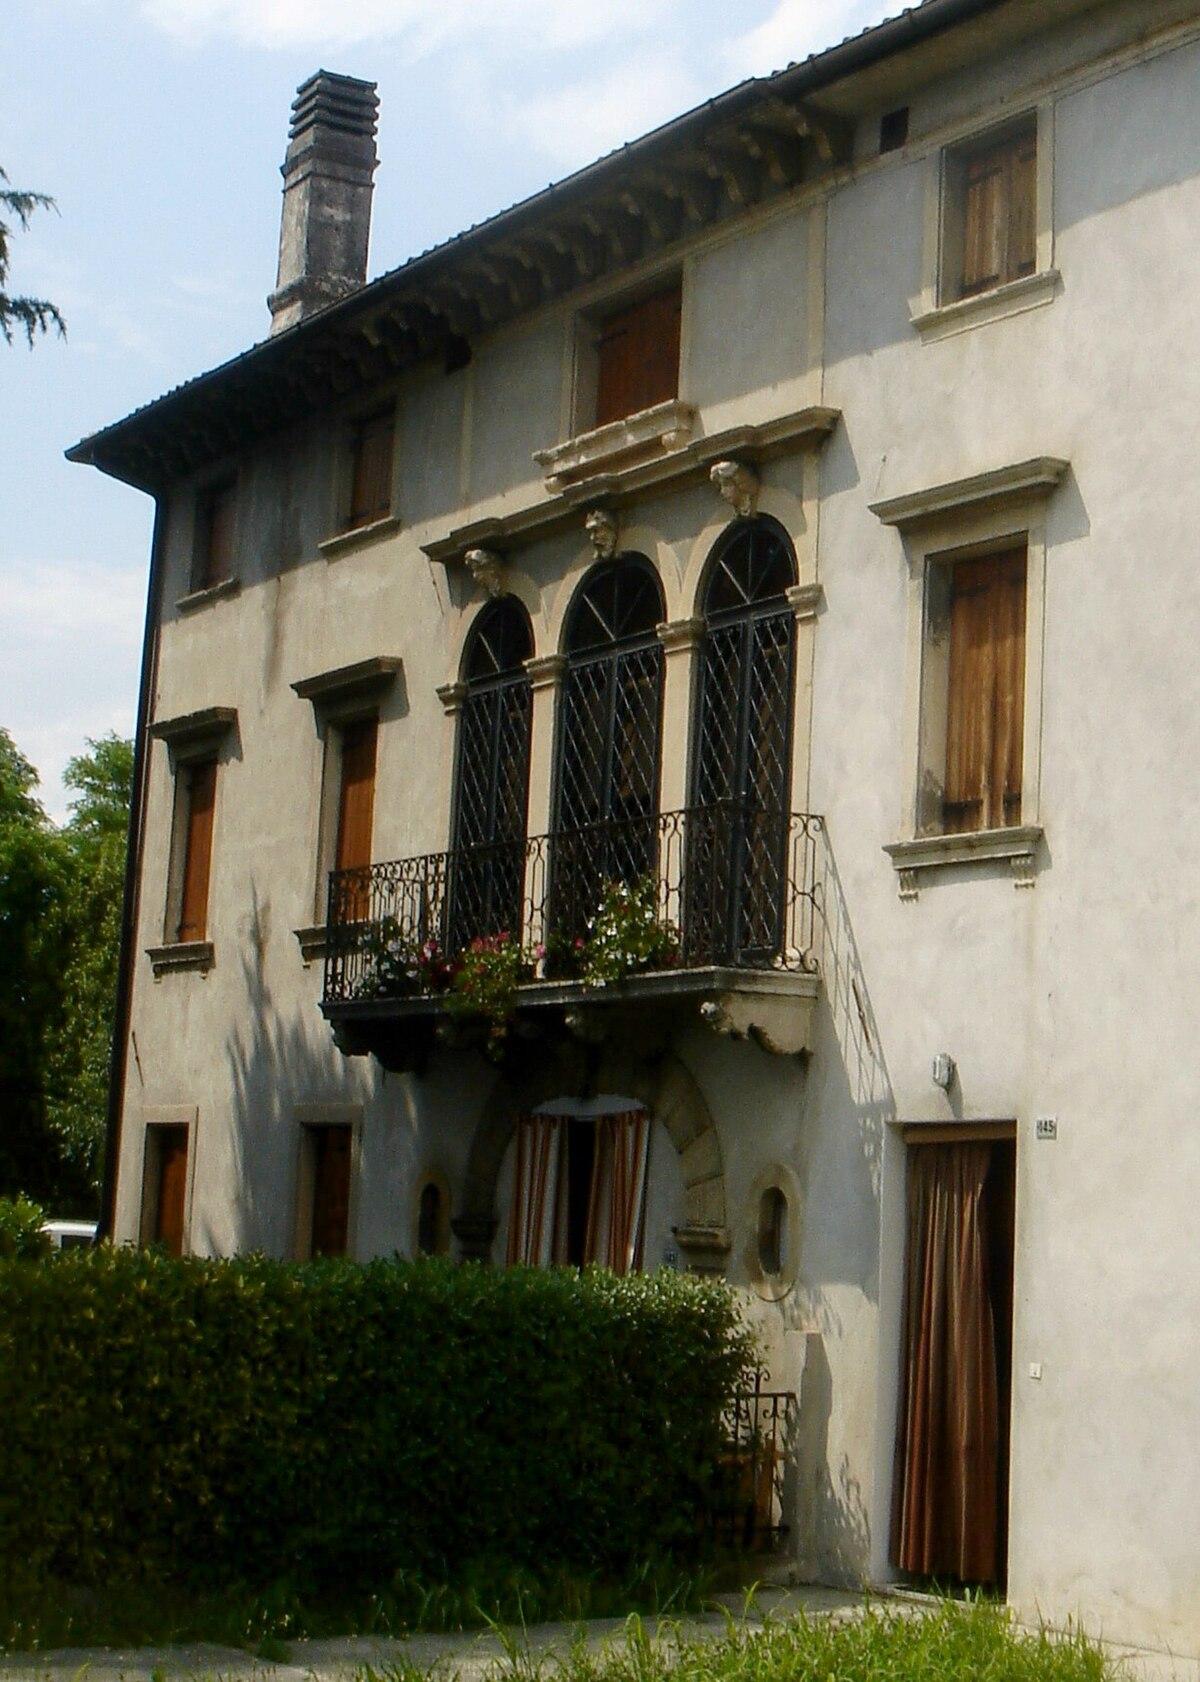 Casa ongaro marcon wikipedia for Piani di una casa bungalow storia